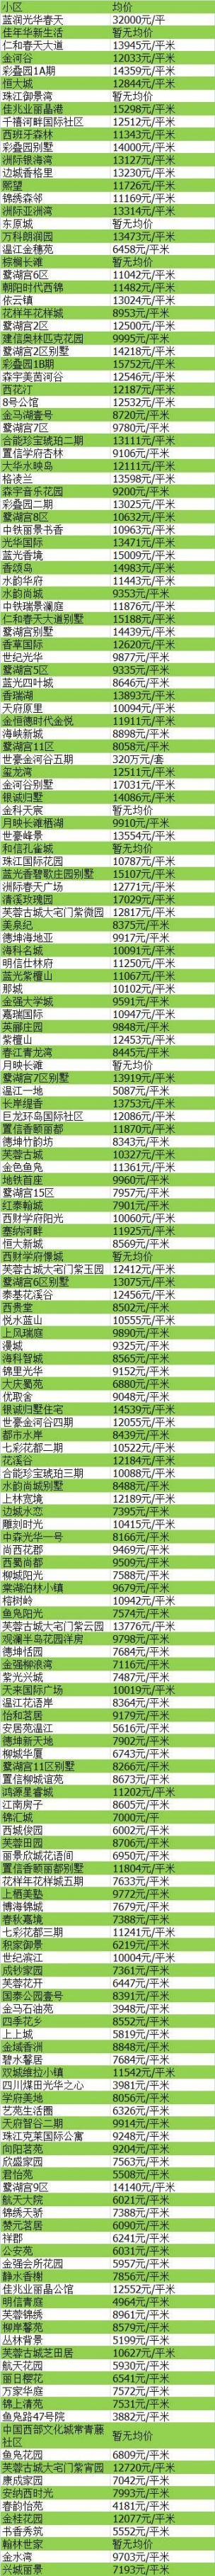 2017年12月成都房价走势最新消息(持续更新)